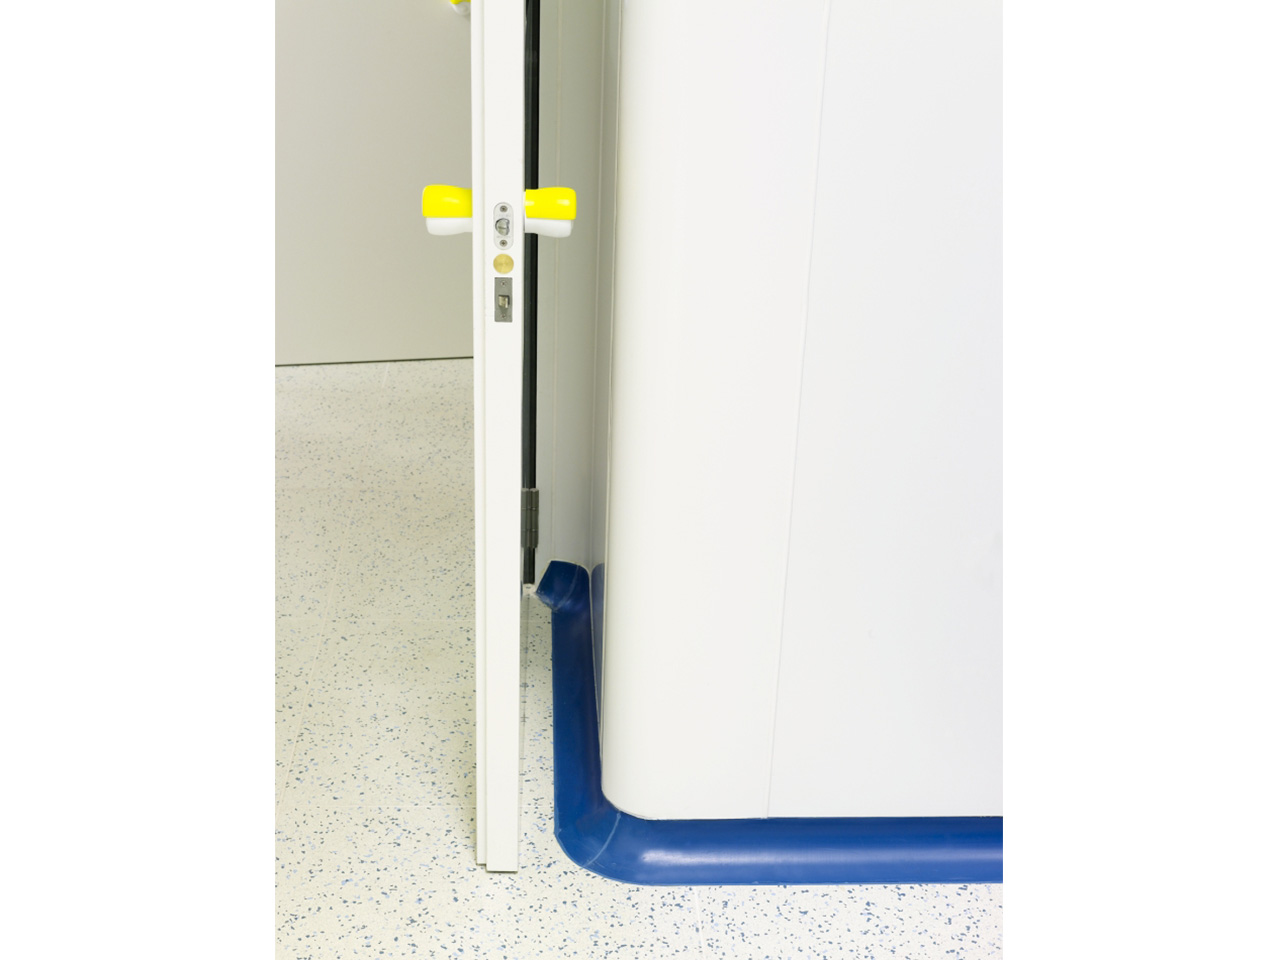 Realizzazione laboratori e camere bianche - Ospedale Busonera 03